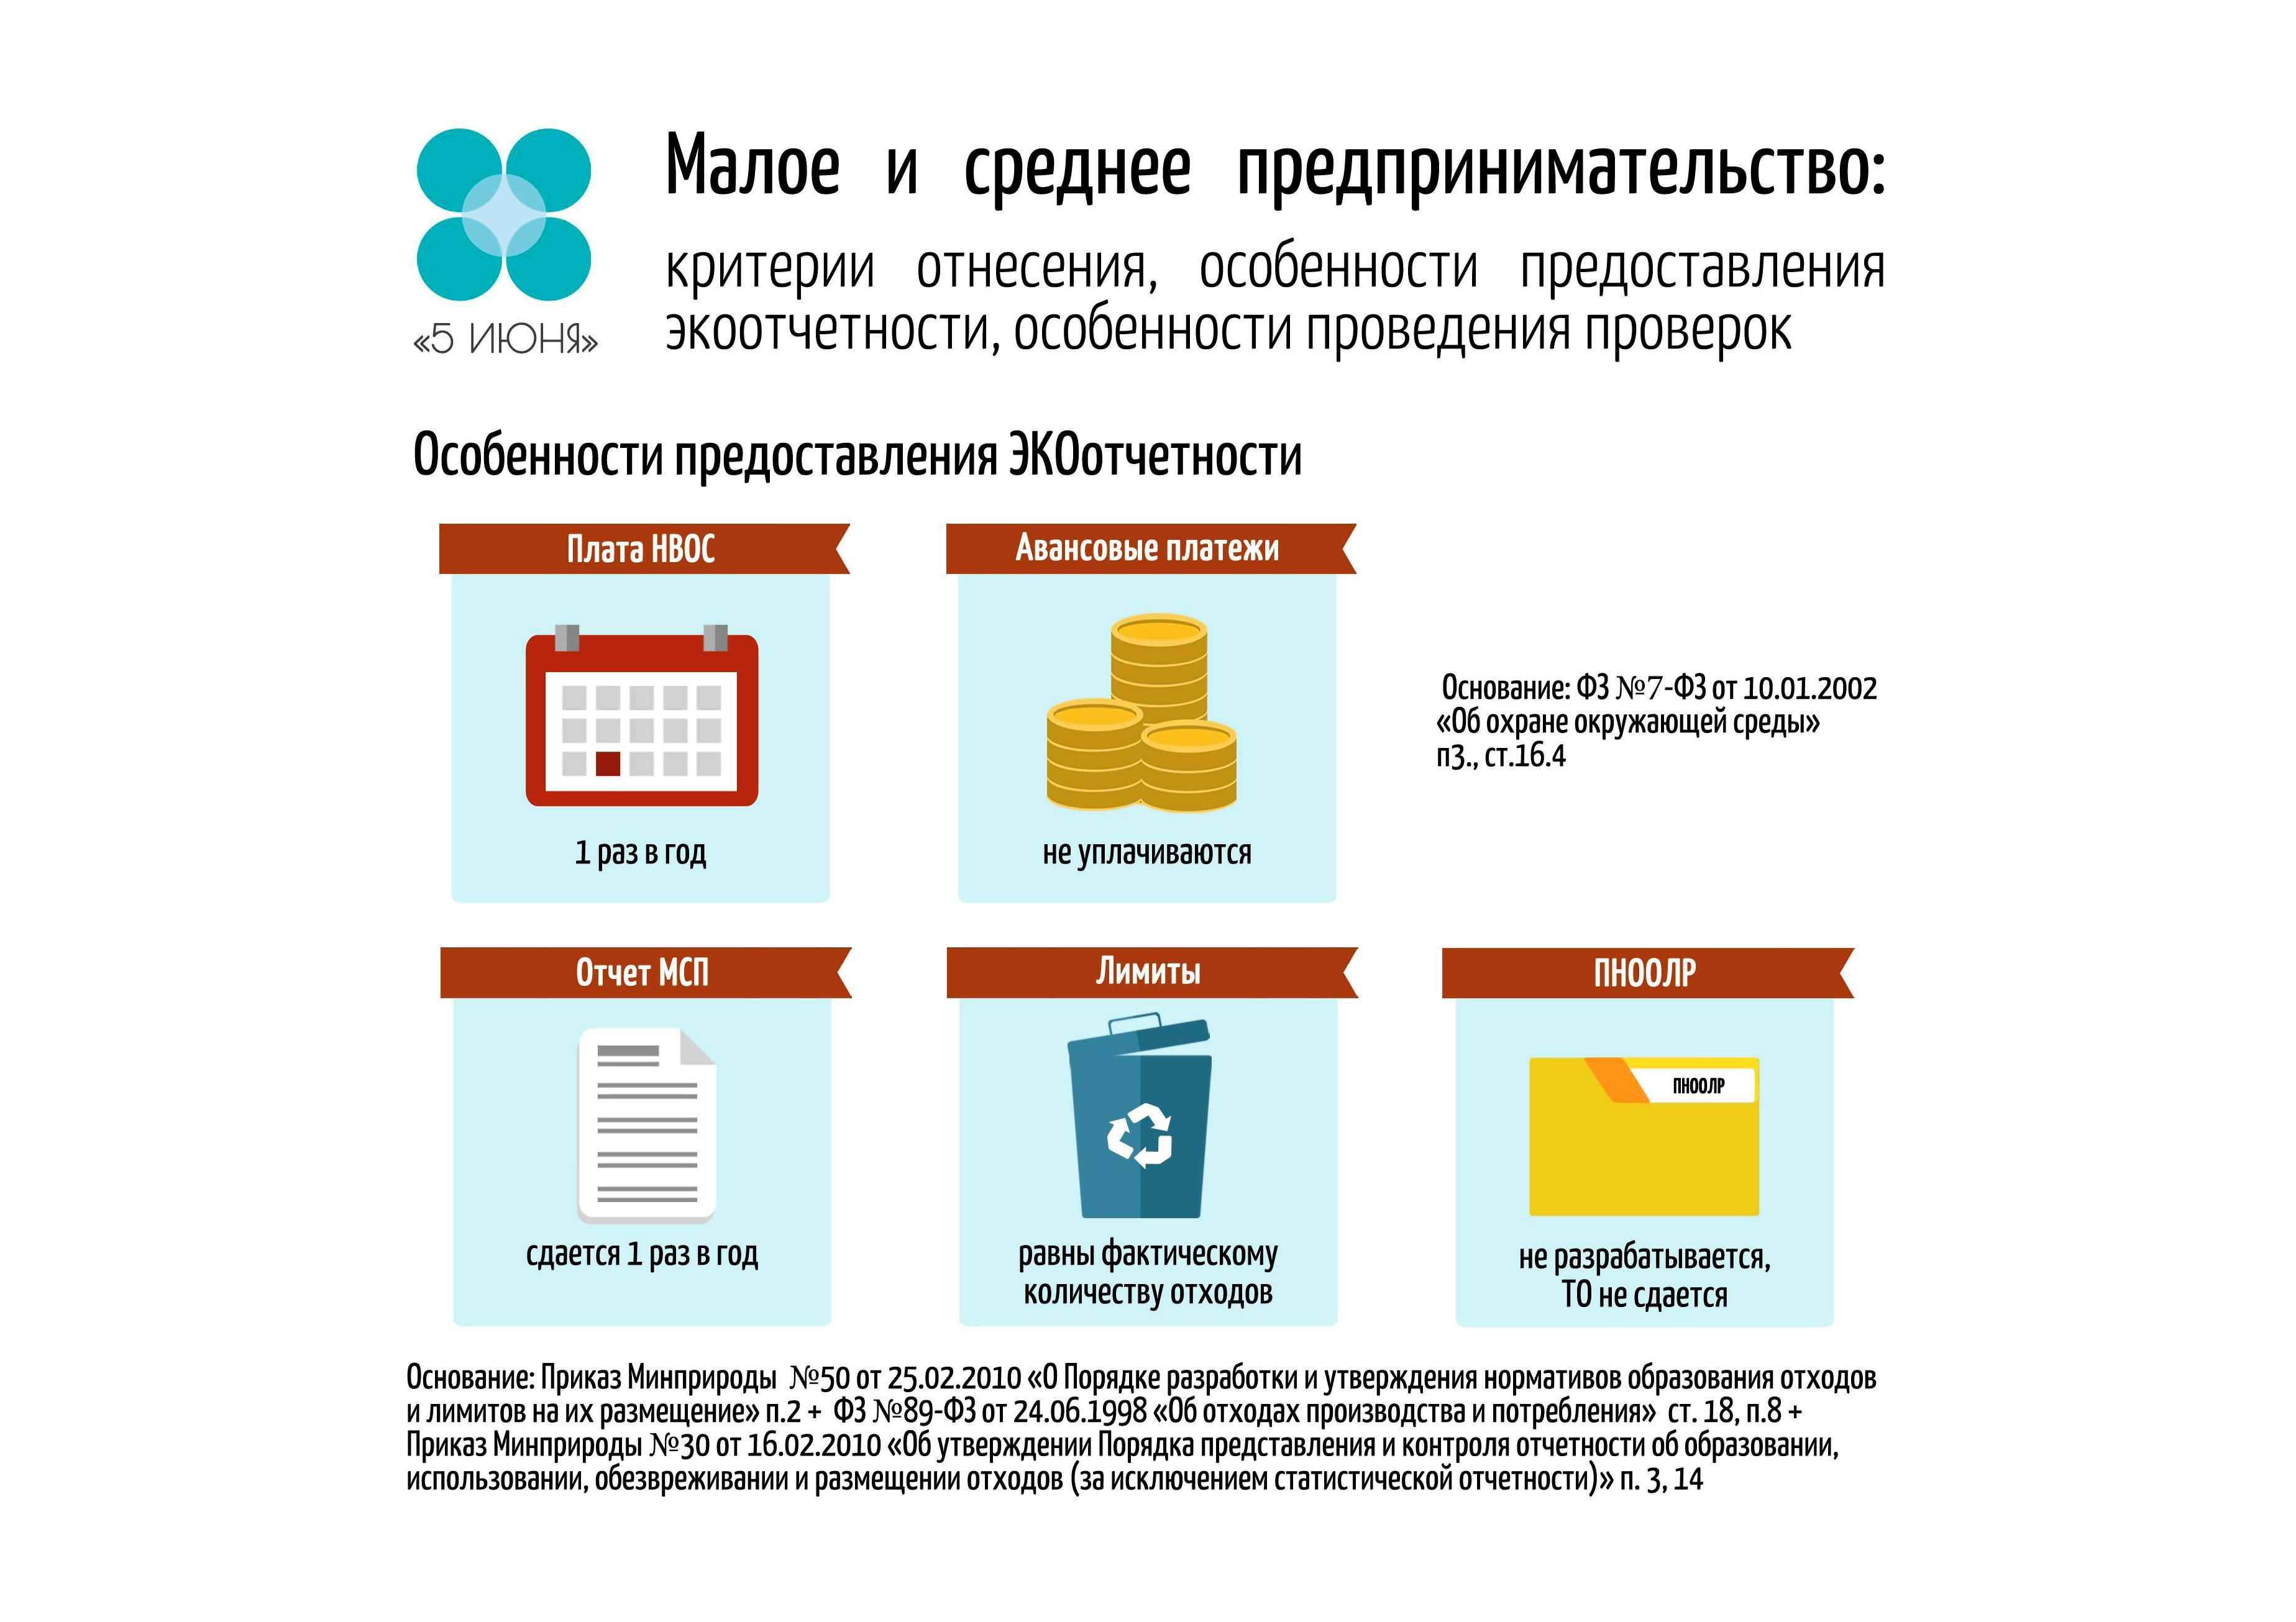 Мсп банк — википедия. что такое мсп банк